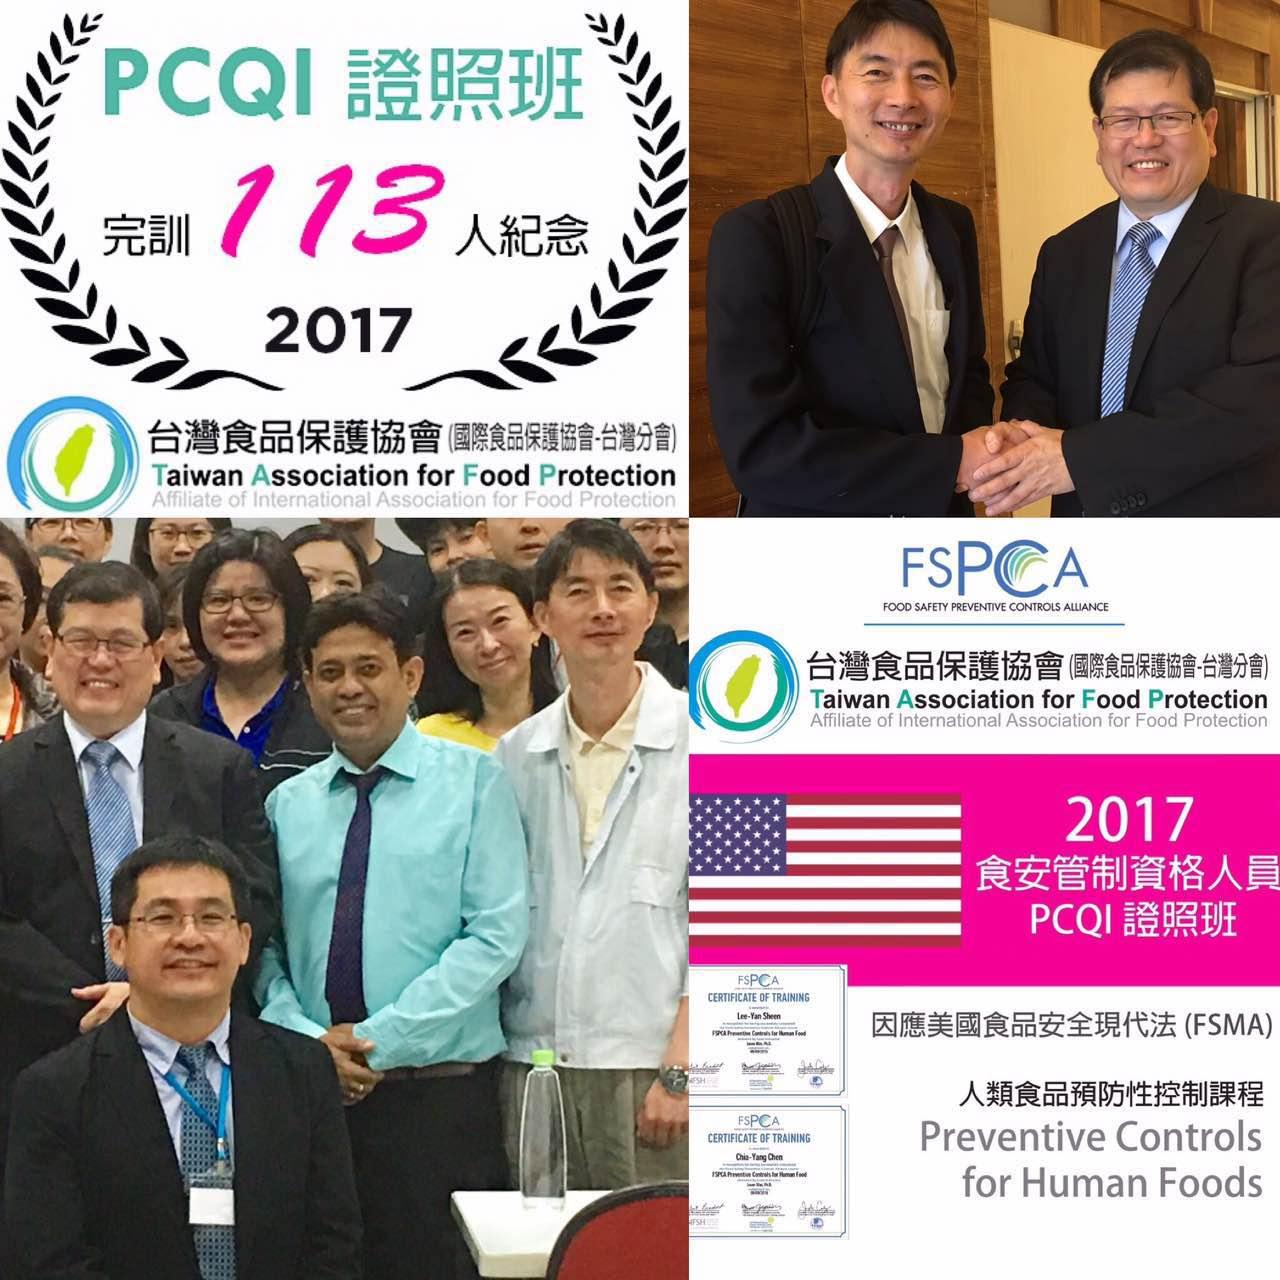 PCQI-2